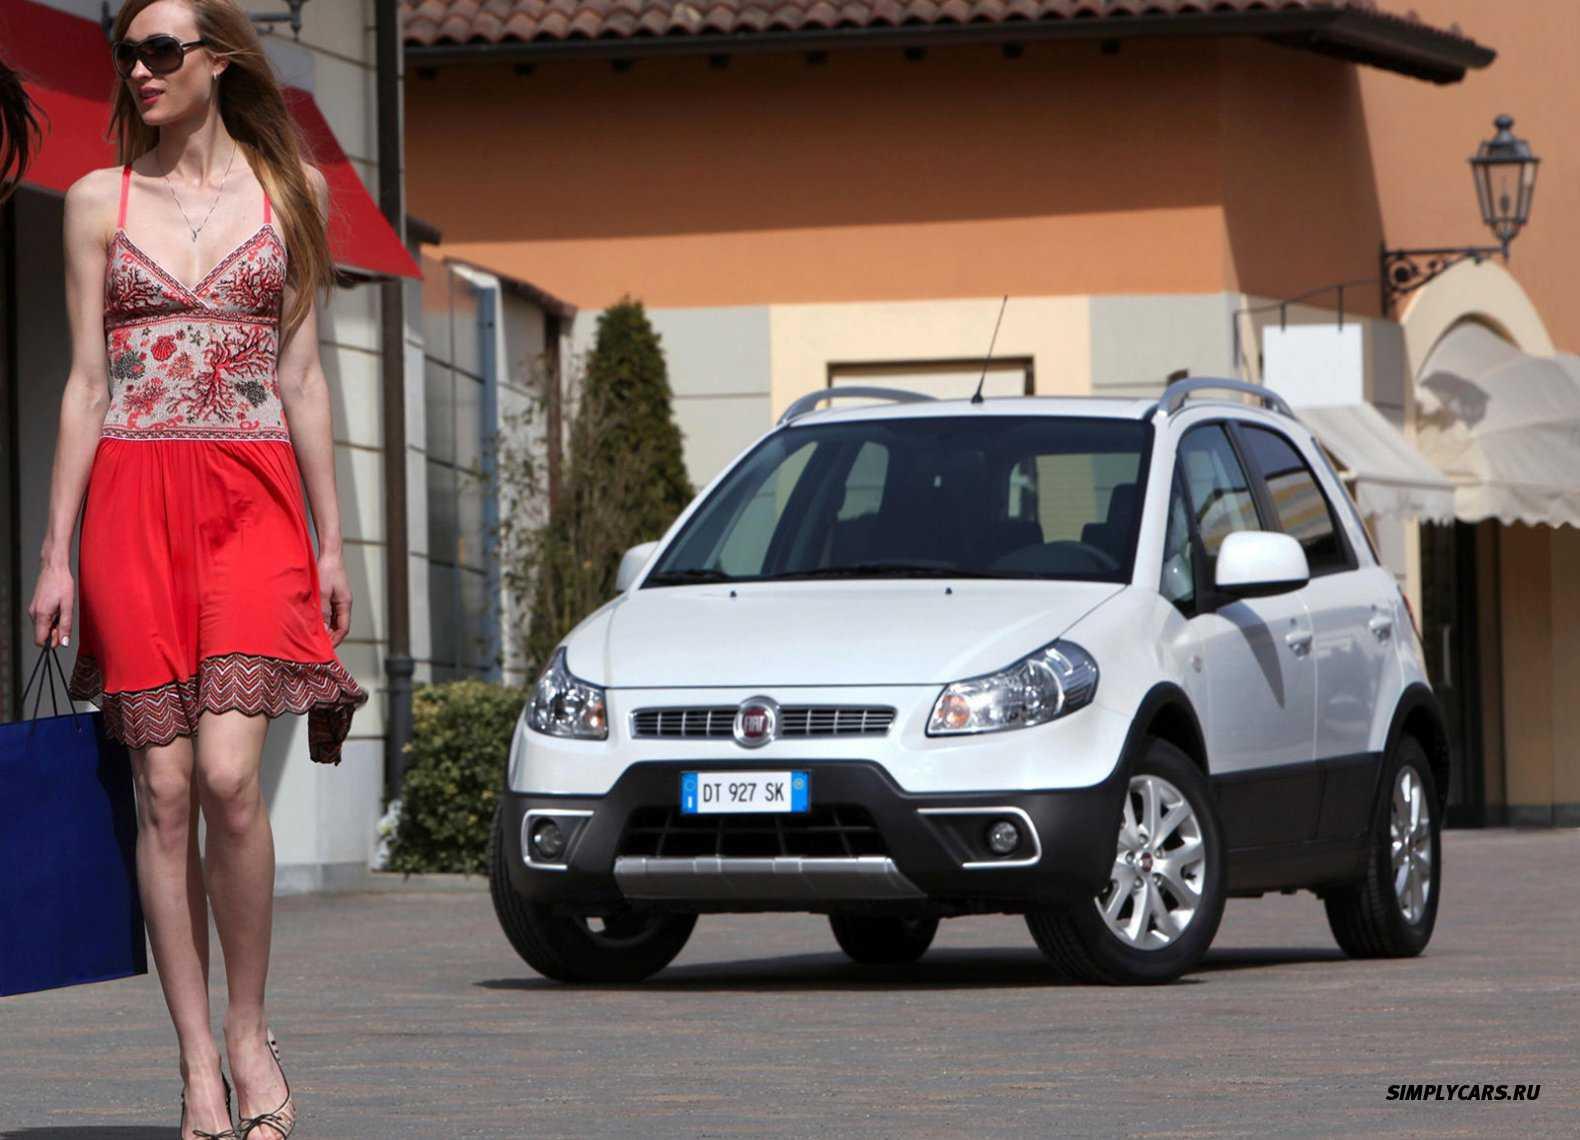 Fiat croma 194 цена, технические характеристики, фото и видео